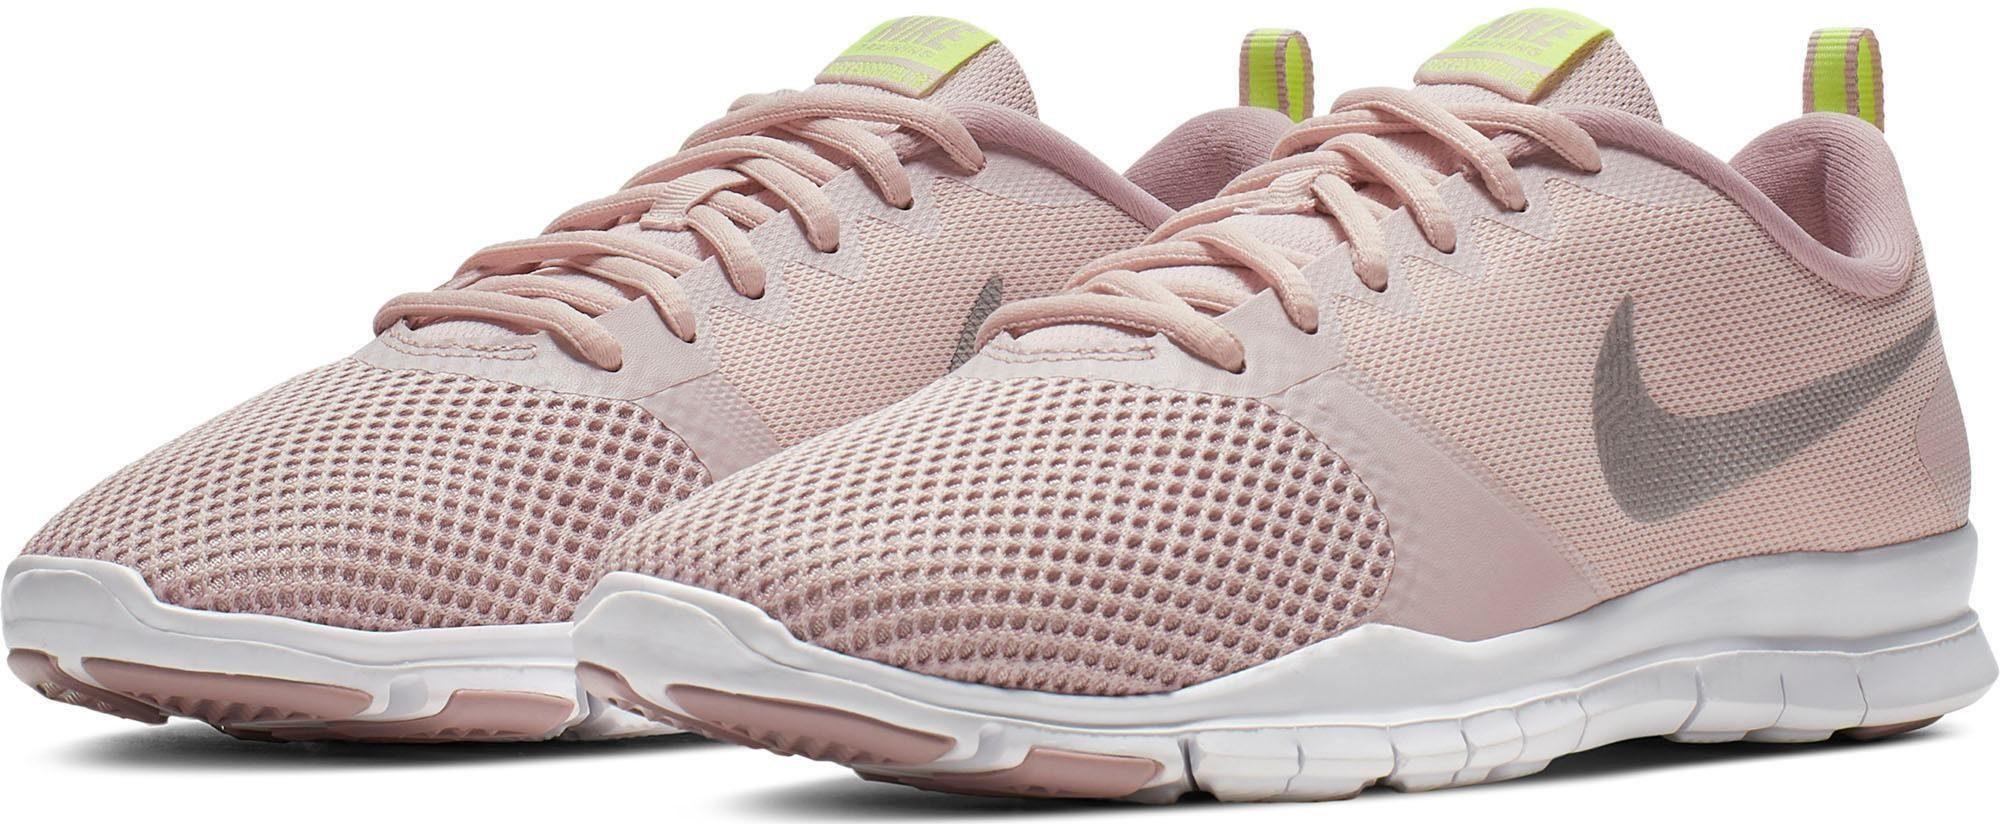 Nike »Wmns Flex Essential« Fitnessschuh, Leichter Trainingsschuh von Nike online kaufen   OTTO